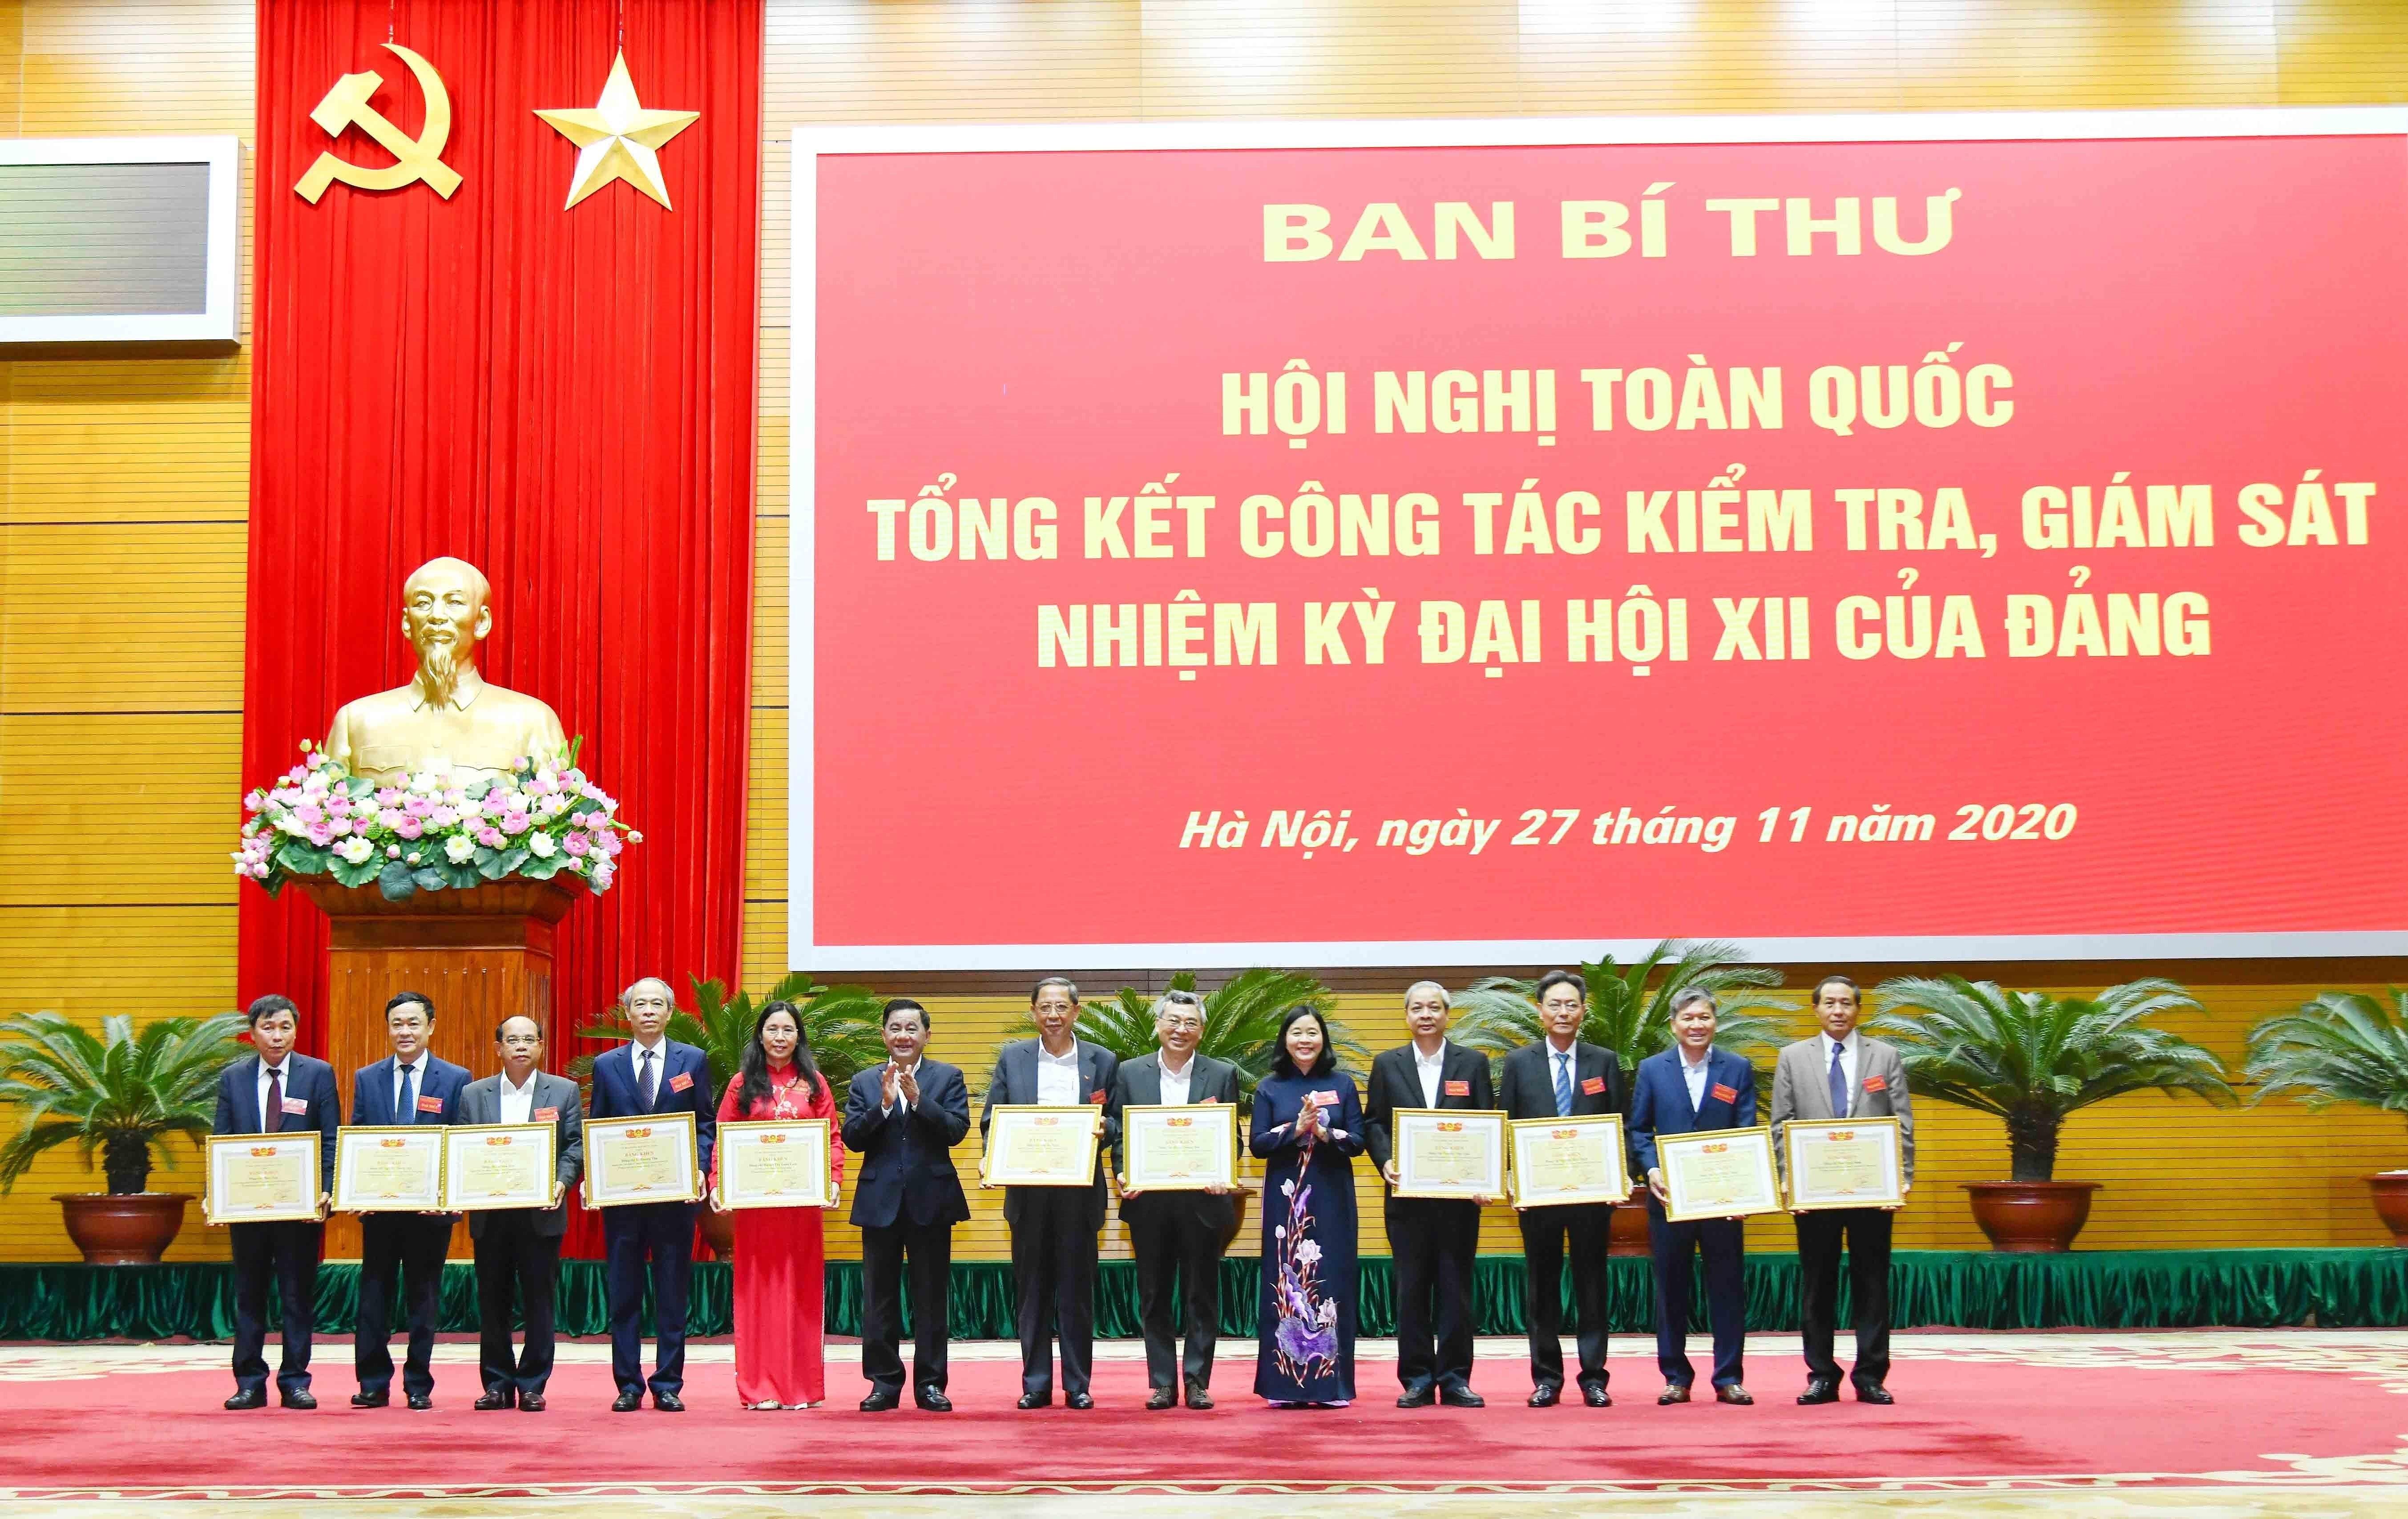 """Tong Bi thu, Chu tich nuoc: """"Can chong tu tuong quyen anh, quyen toi"""" hinh anh 3"""